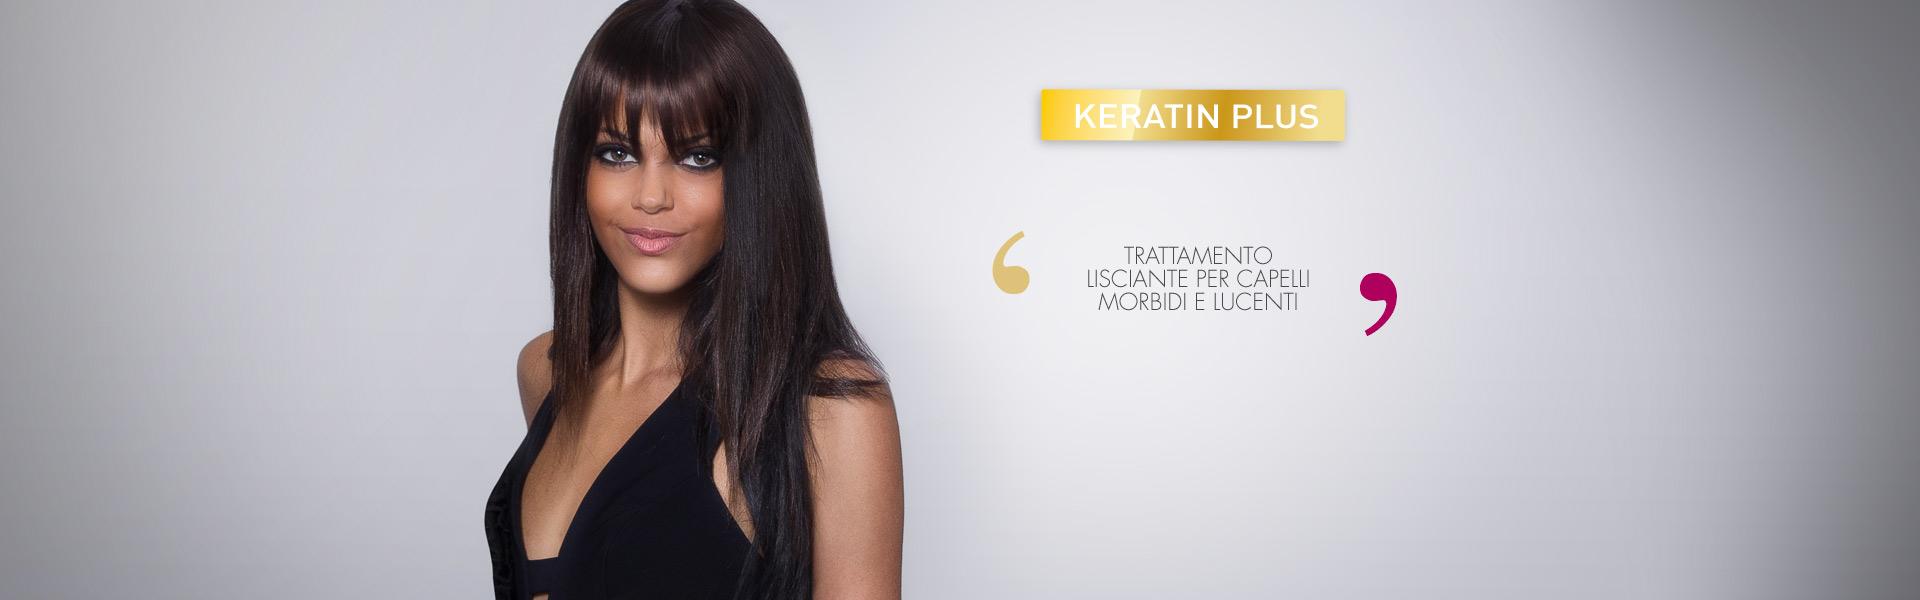 keratin plus trattamento lisciante per capelli afro